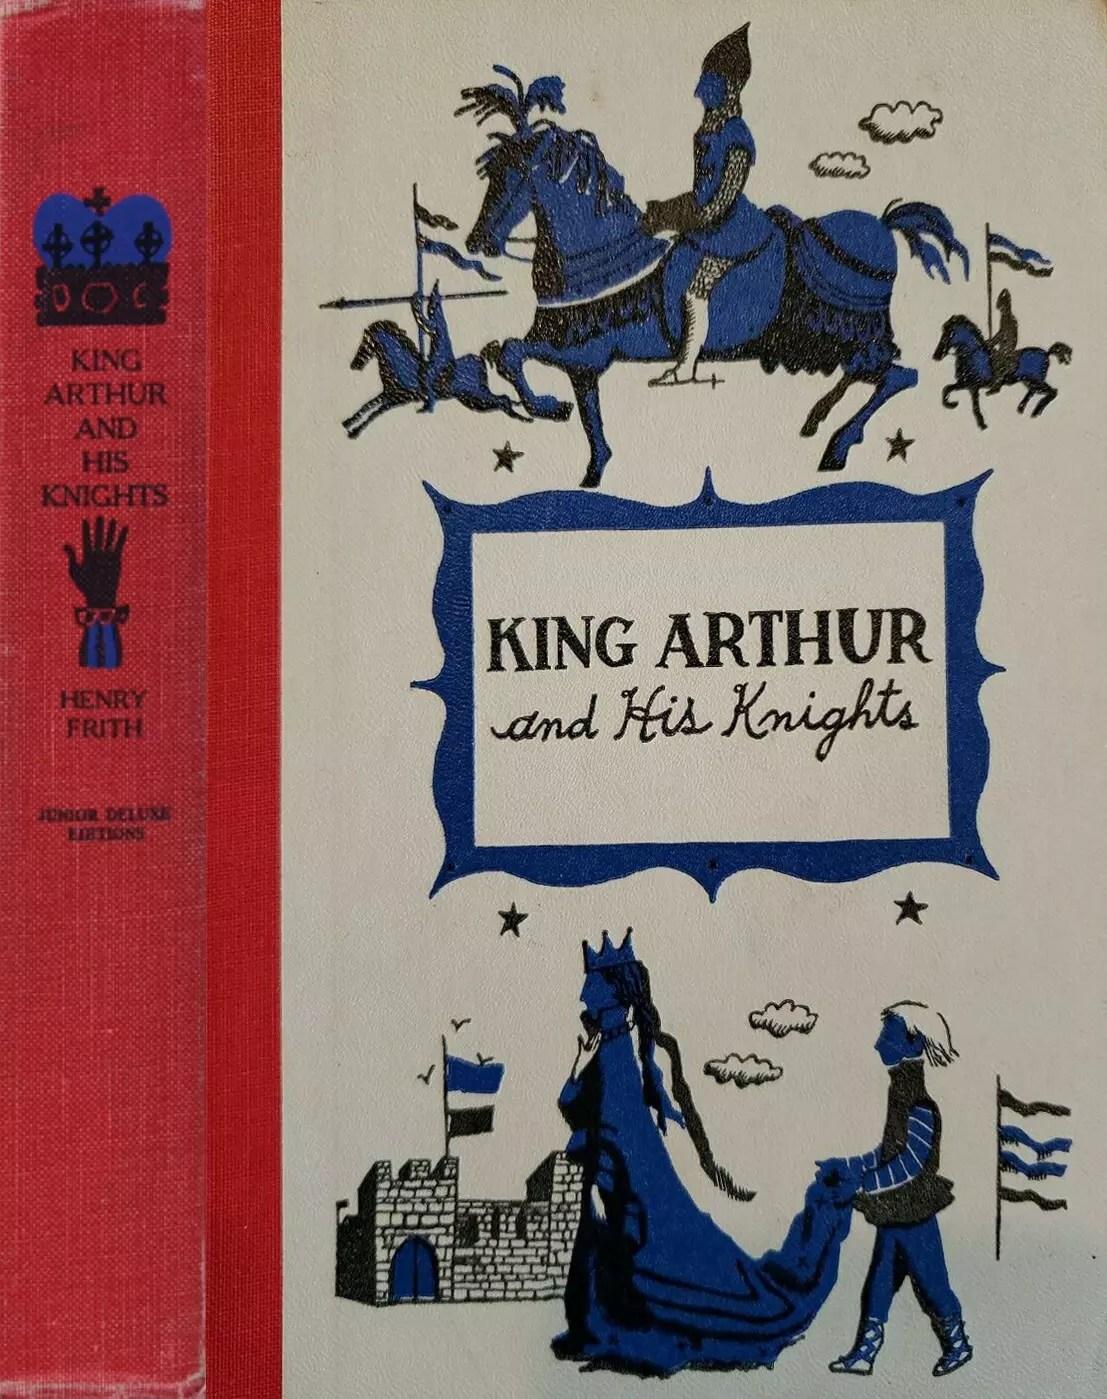 JDE King Arthur FULL red blue cover